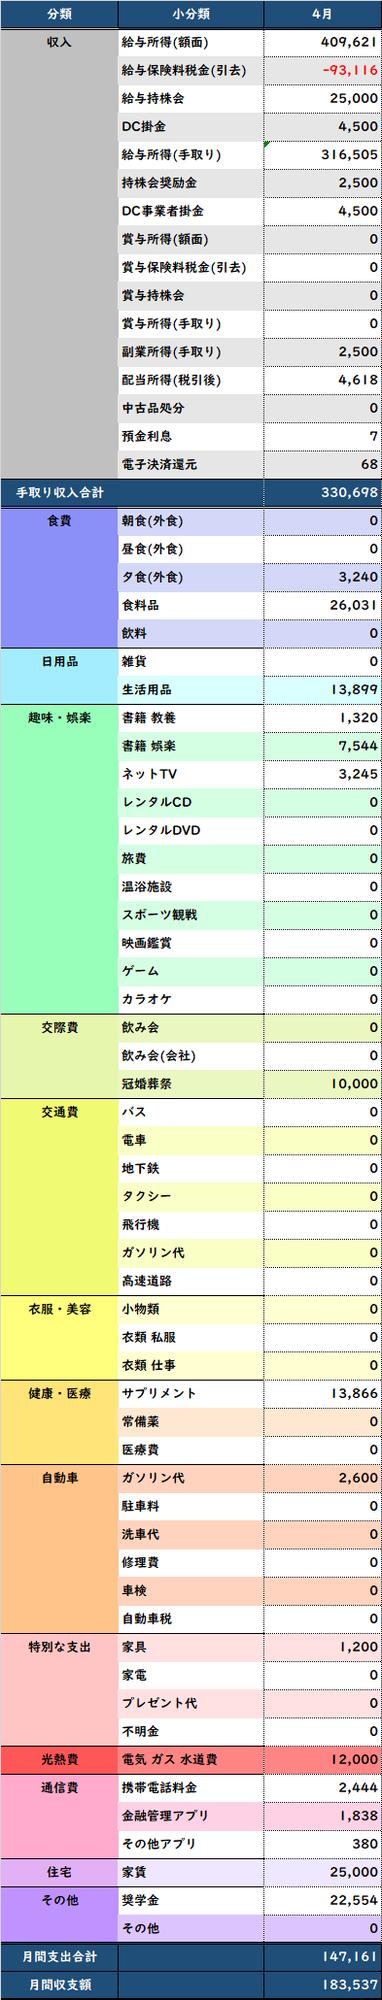 f:id:Hakurei:20200519124735p:plain